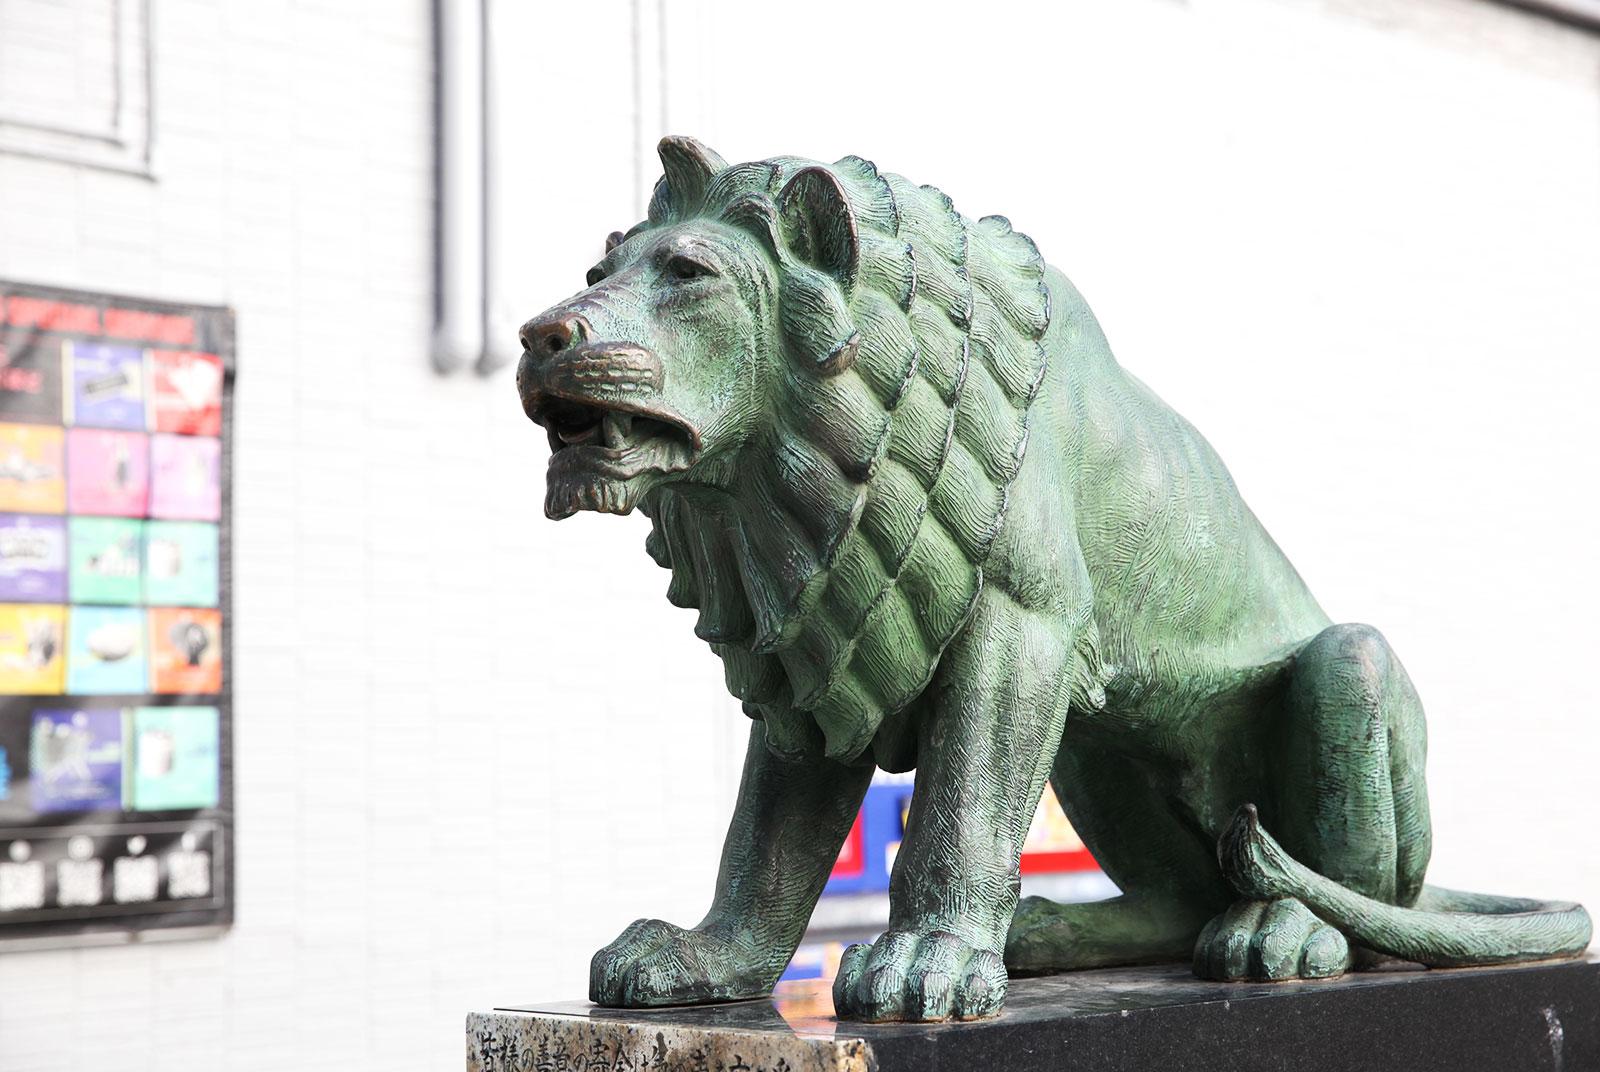 のちに新宿駅東口駅前に、より大型のライオン像が設置され、現在は通称「子ライオン」として親しまれている「歌舞伎町シネシティ広場」のライオン像型募金箱